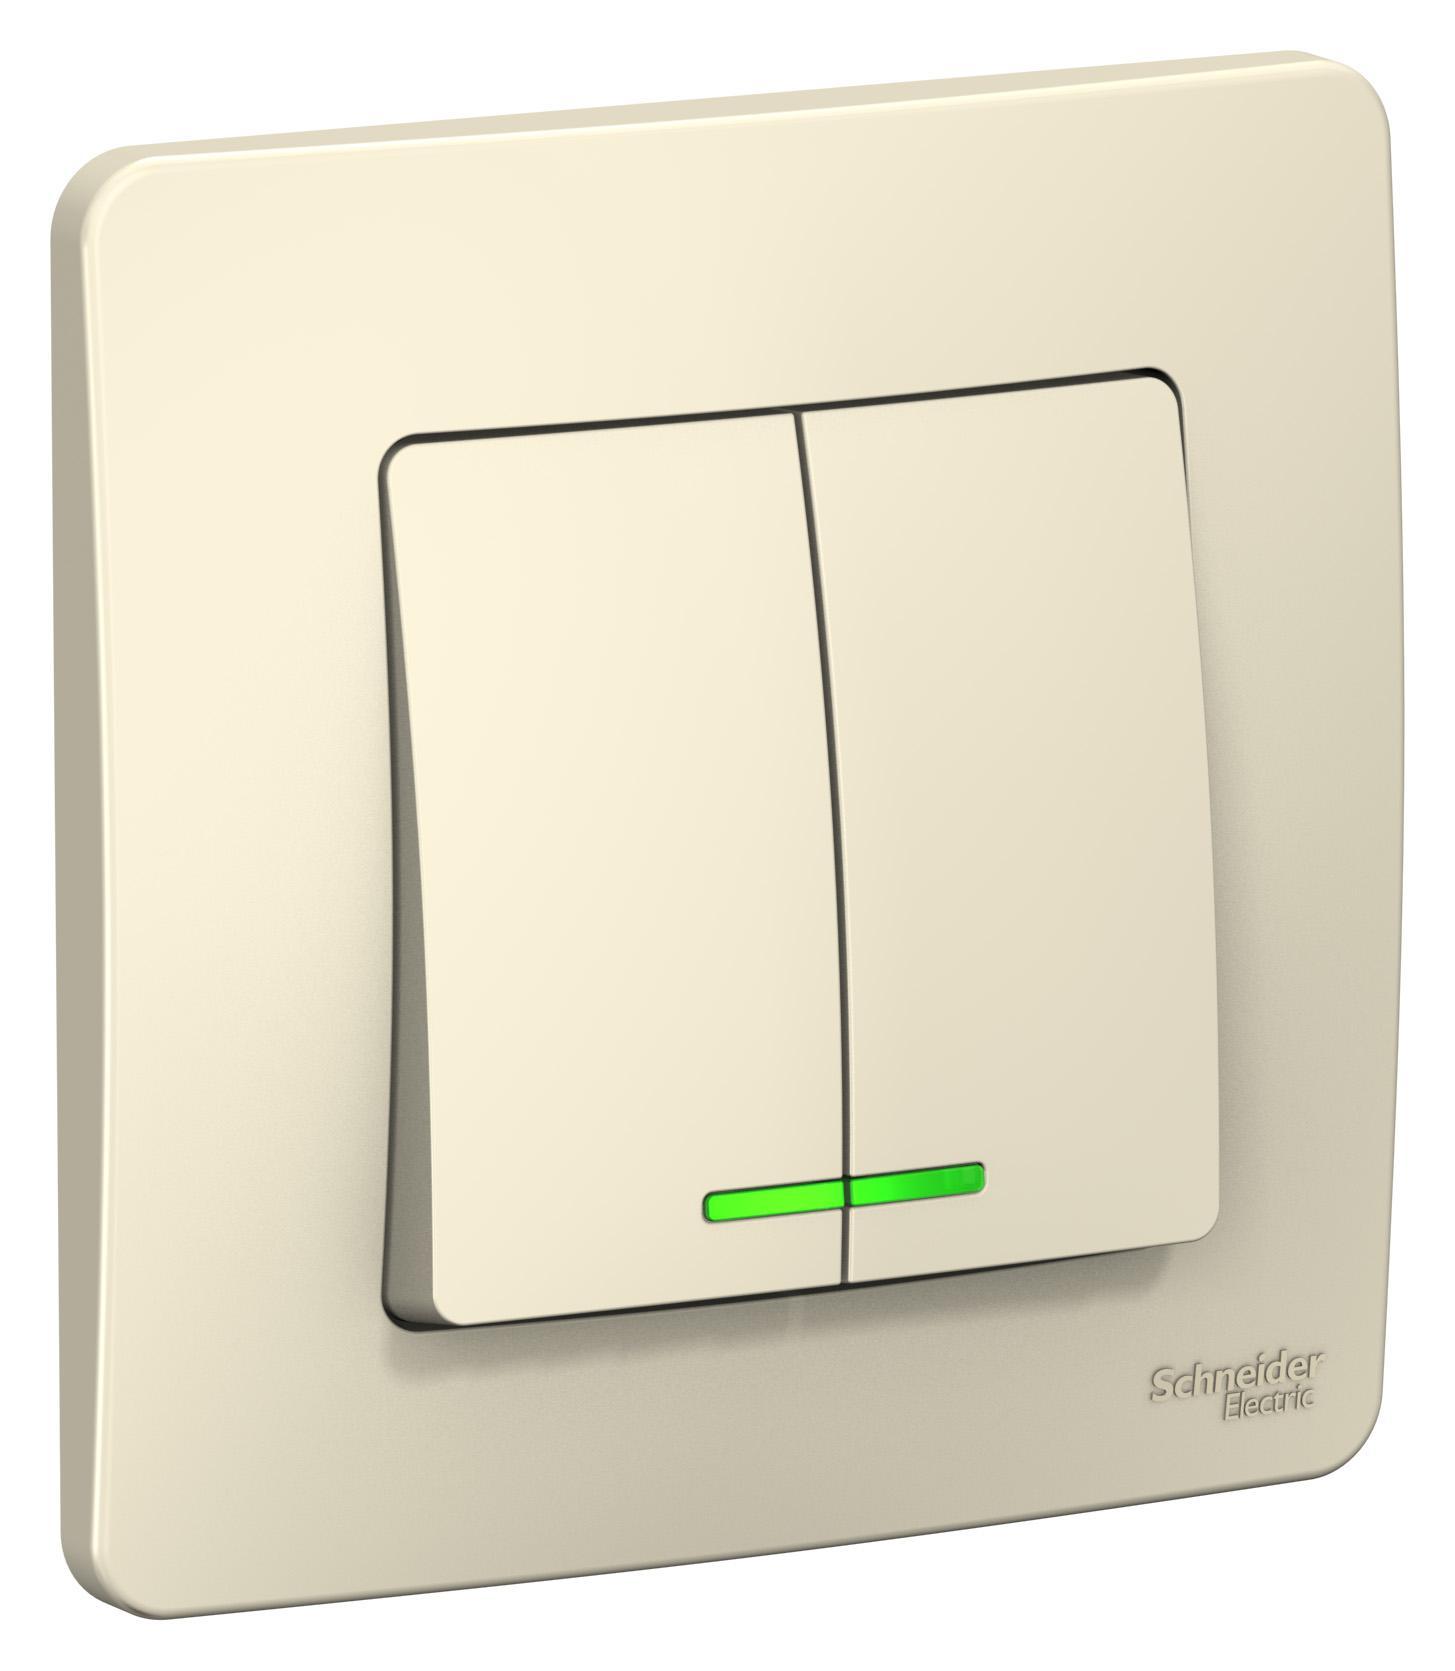 Выключатель Schneider electric Blnvs010512 blanca выключатель gsl000497 schneider electric